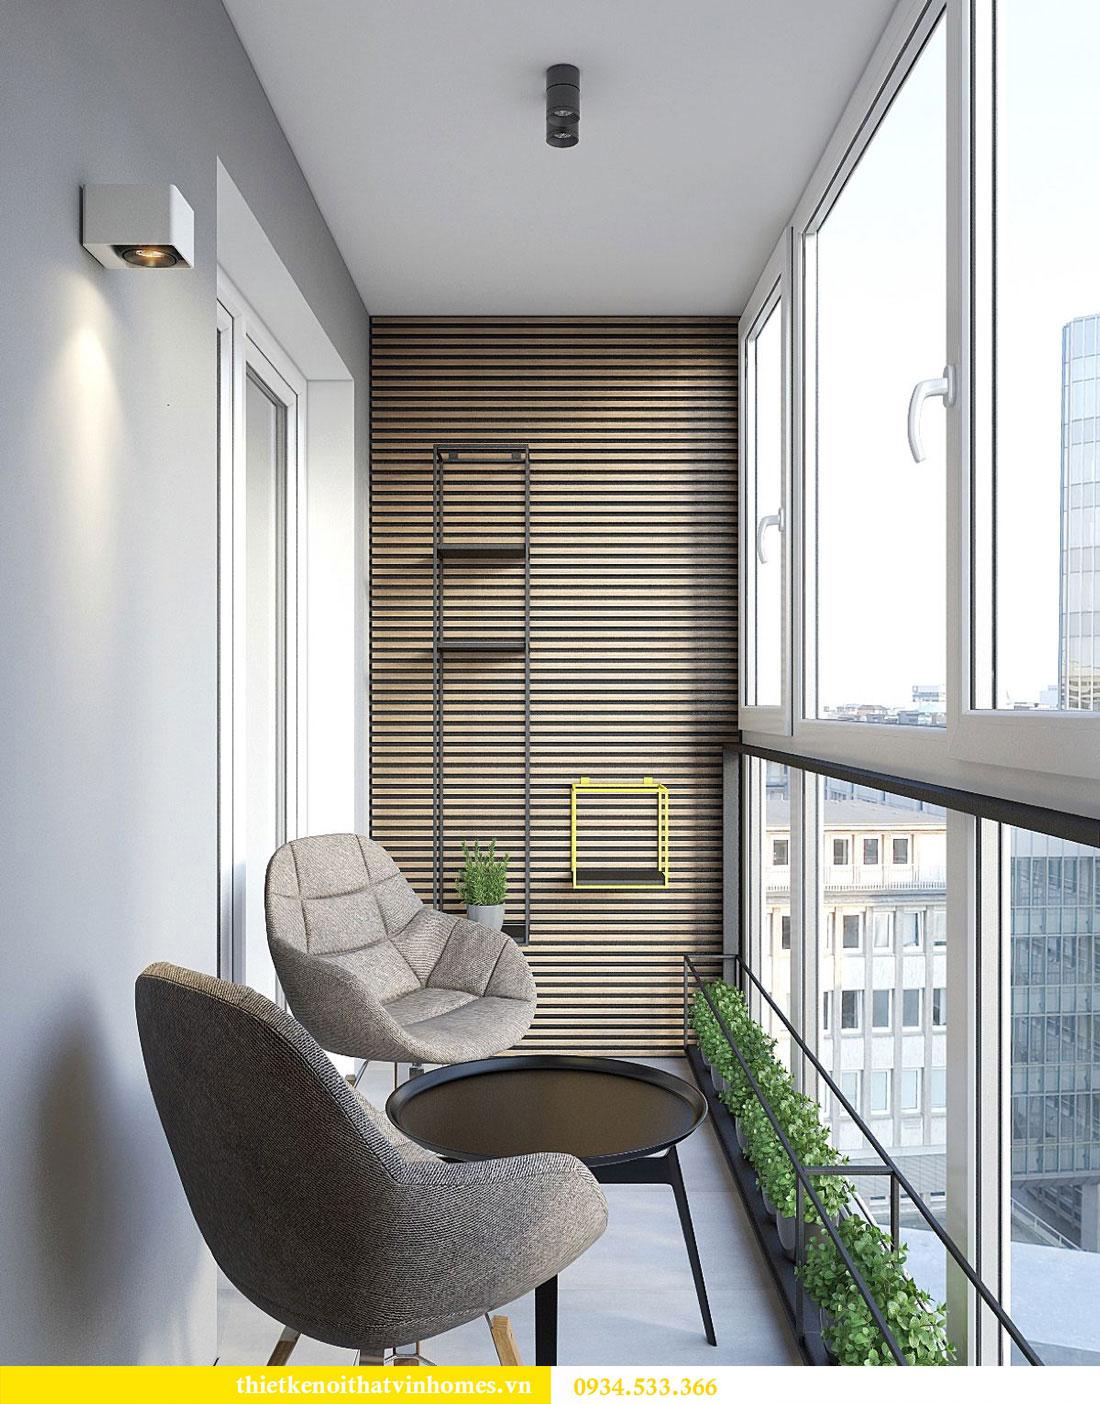 Thiết kế nội thất biệt thự Vinhomes Thăng Long 18